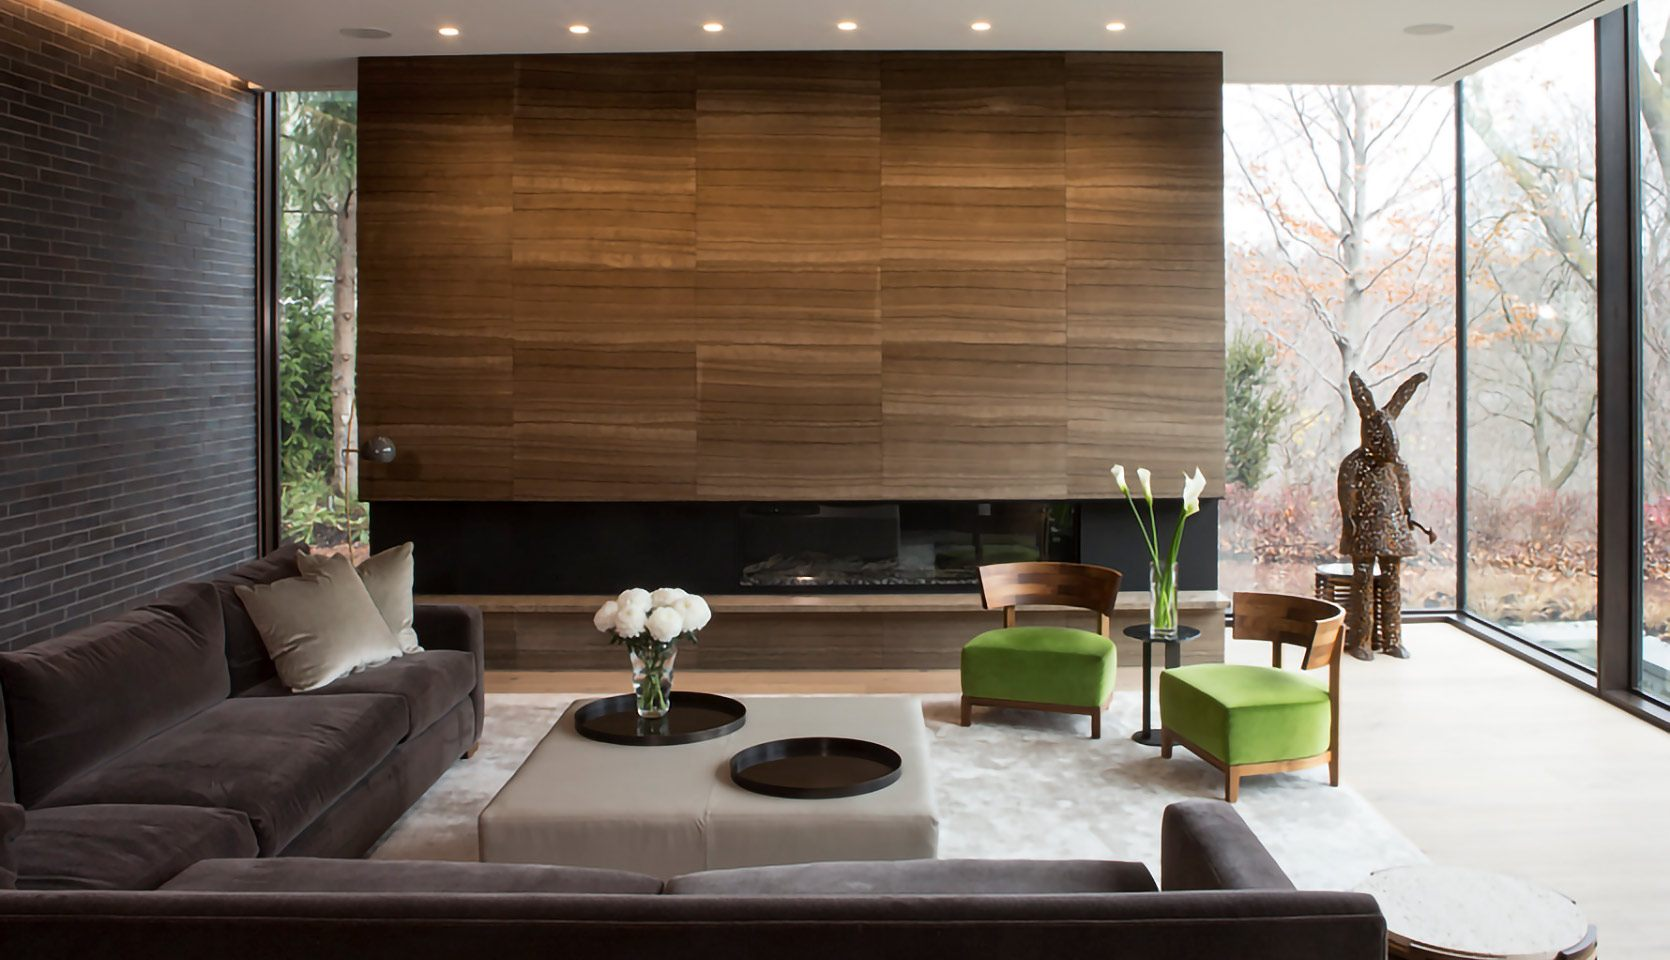 severnwoods-modern-rosedale-house-living-room-interior